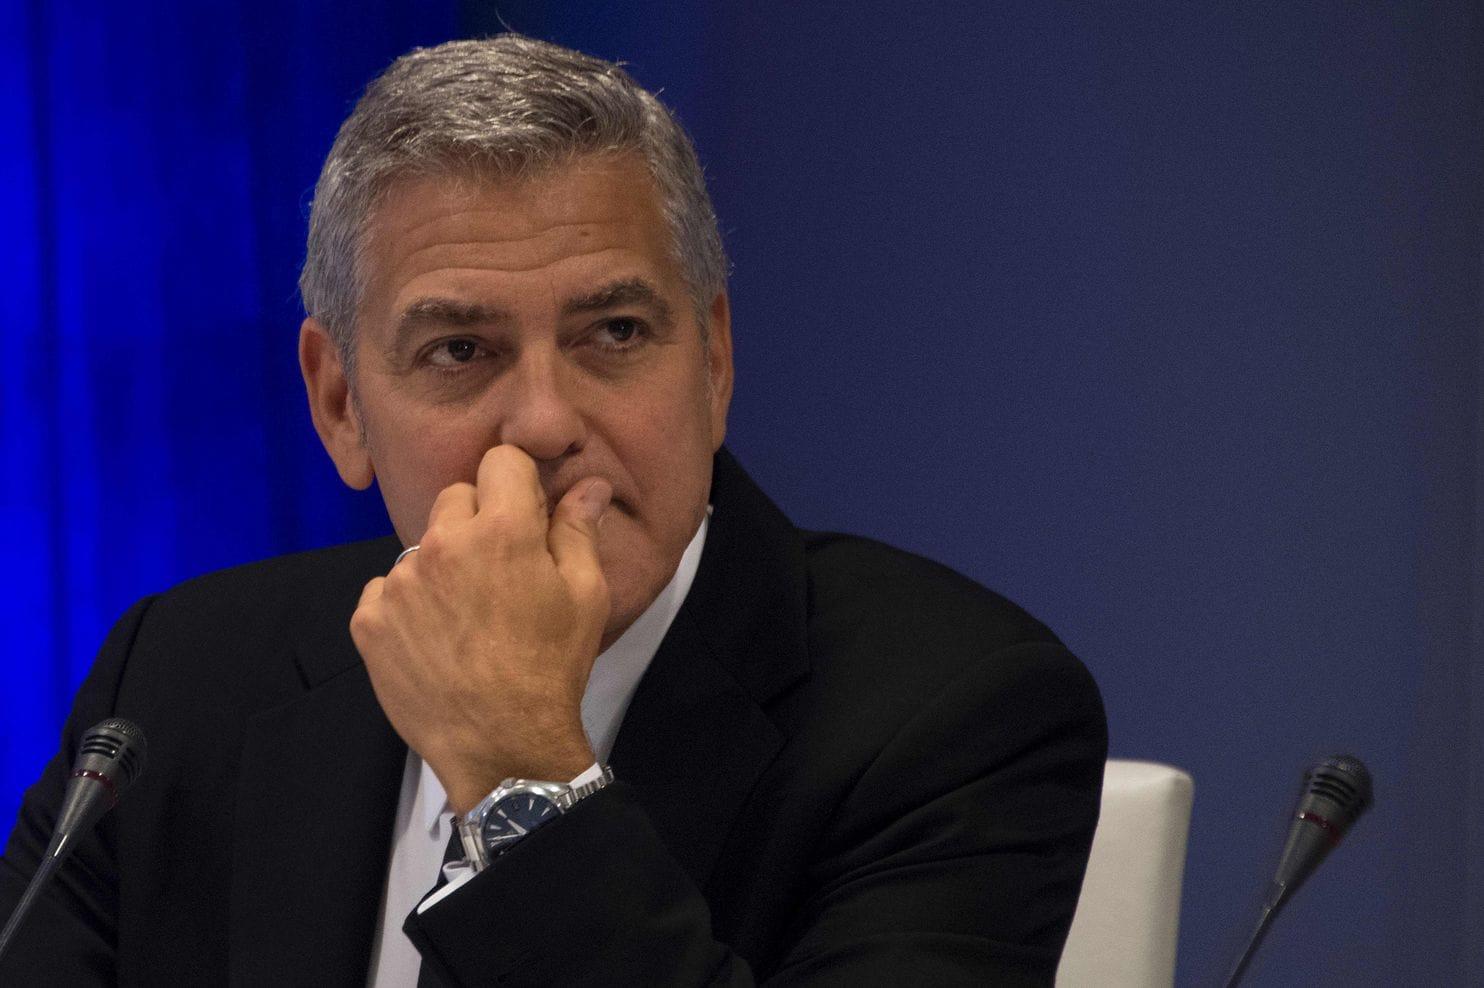 George Clooney'den Eşcinsel İlişkiye Recm Cezası Verecek Brunei'ye Boykot!